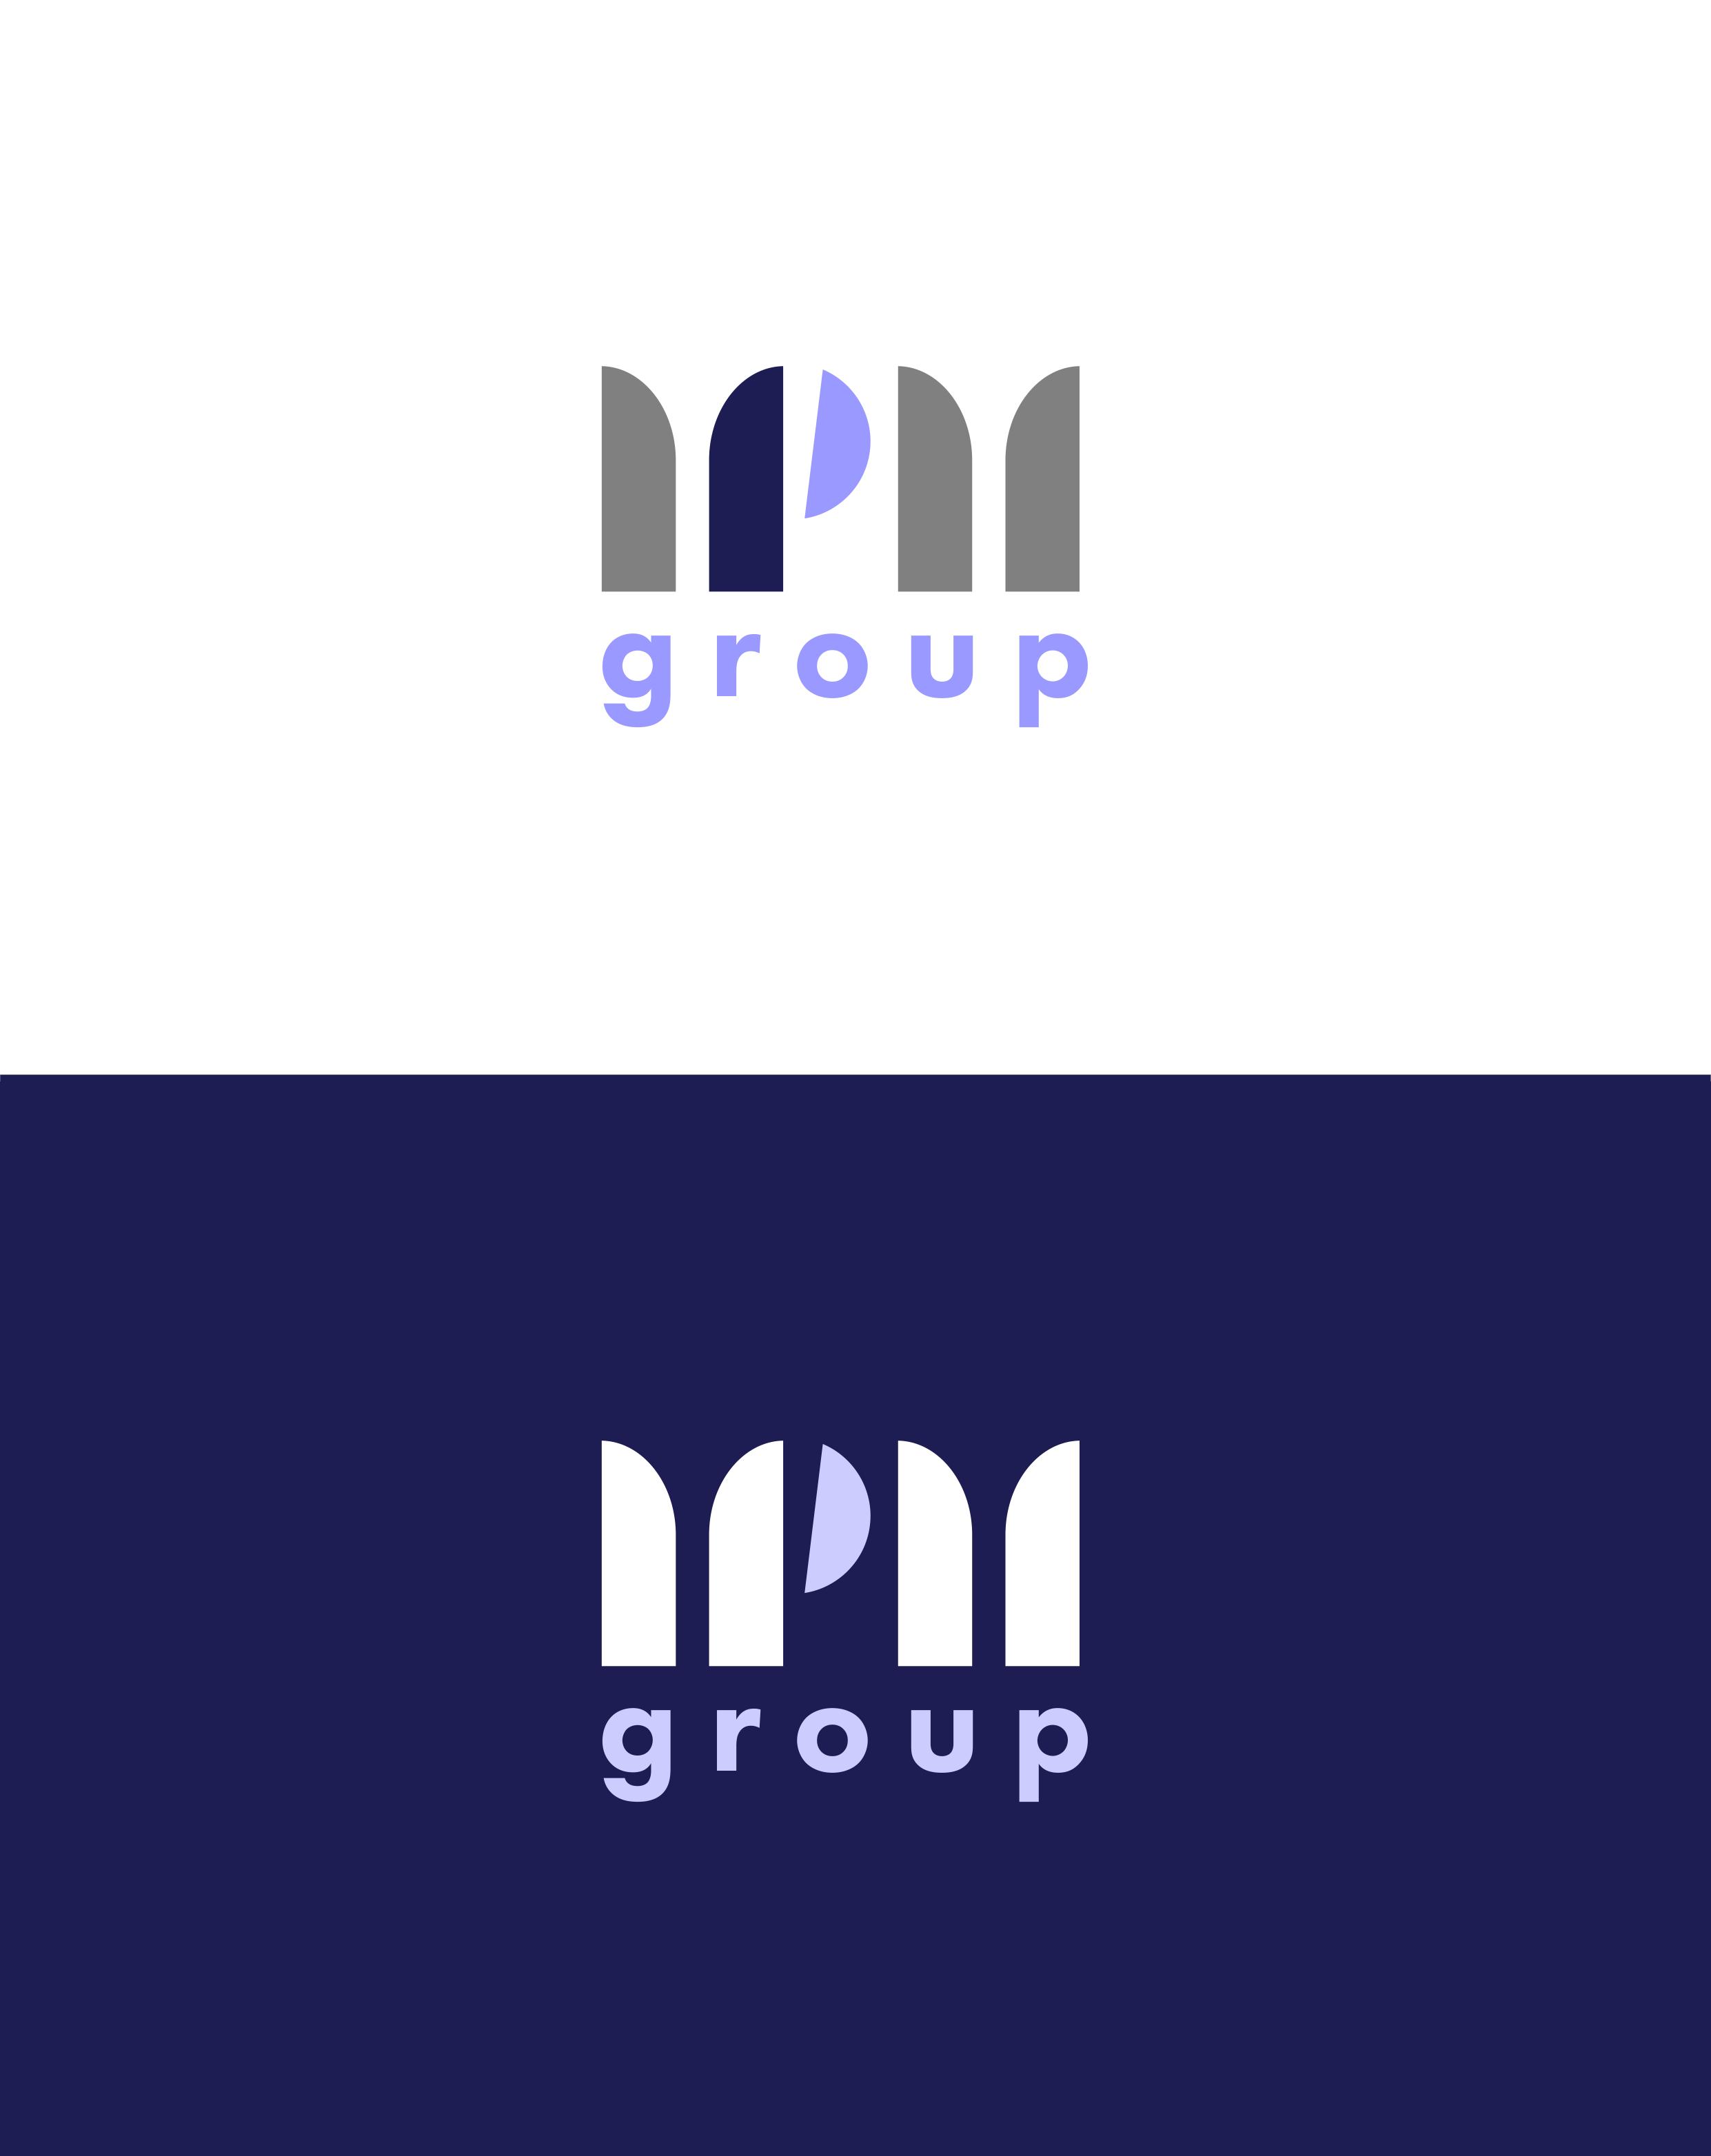 Разработка логотипа для управляющей компании фото f_6105f85b9004a410.png